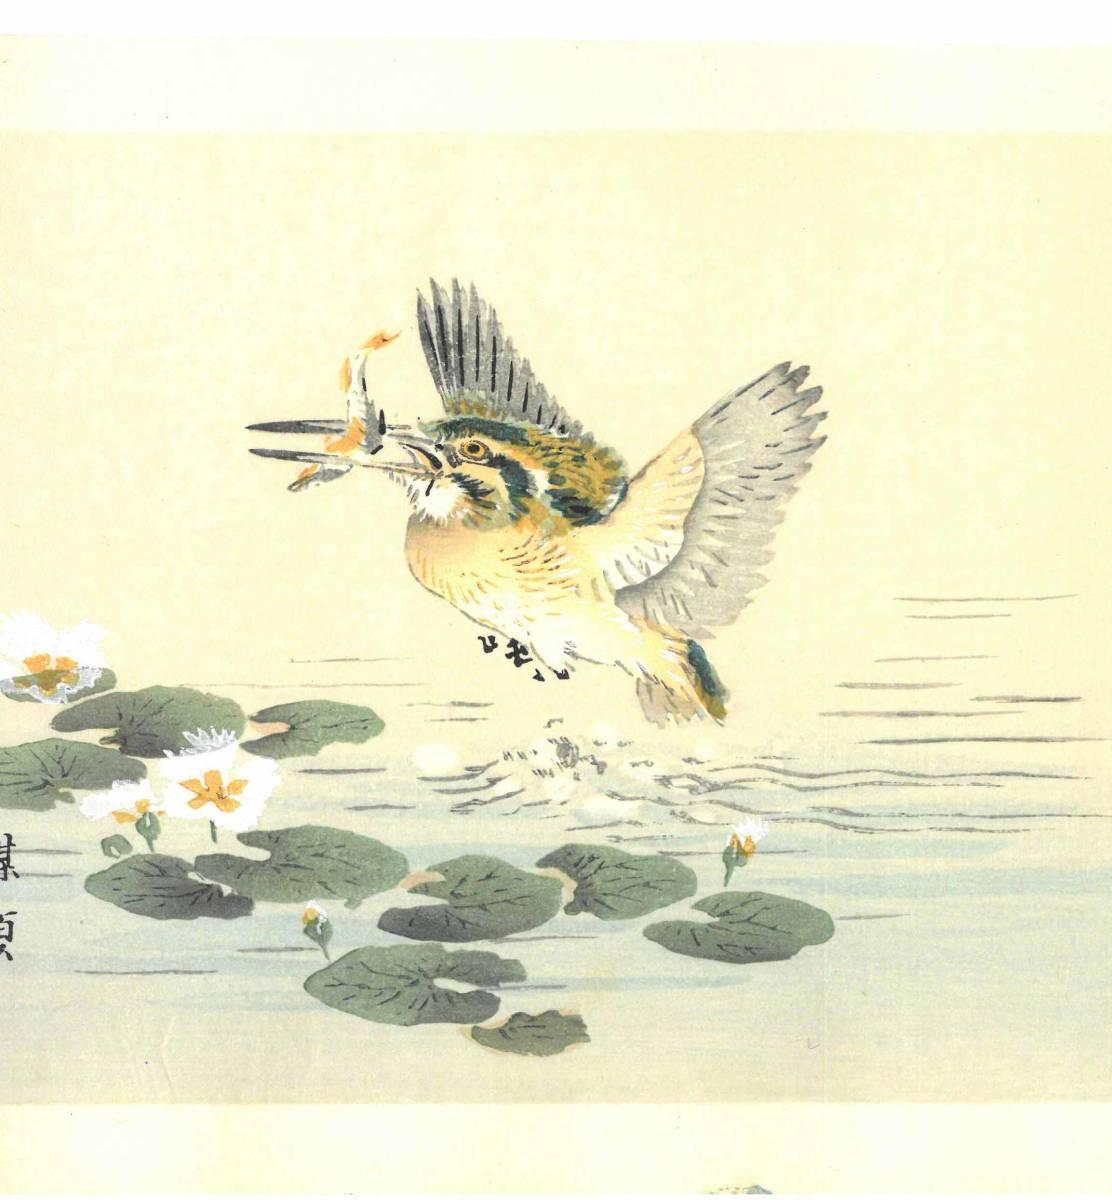 幸野楳嶺 (Kono Bairei) (1844~1895) 木版画 かわせみ 初版明治期~ 版元蔵出し作品! 京都の一流の摺師の技をご堪能下さい。_画像4